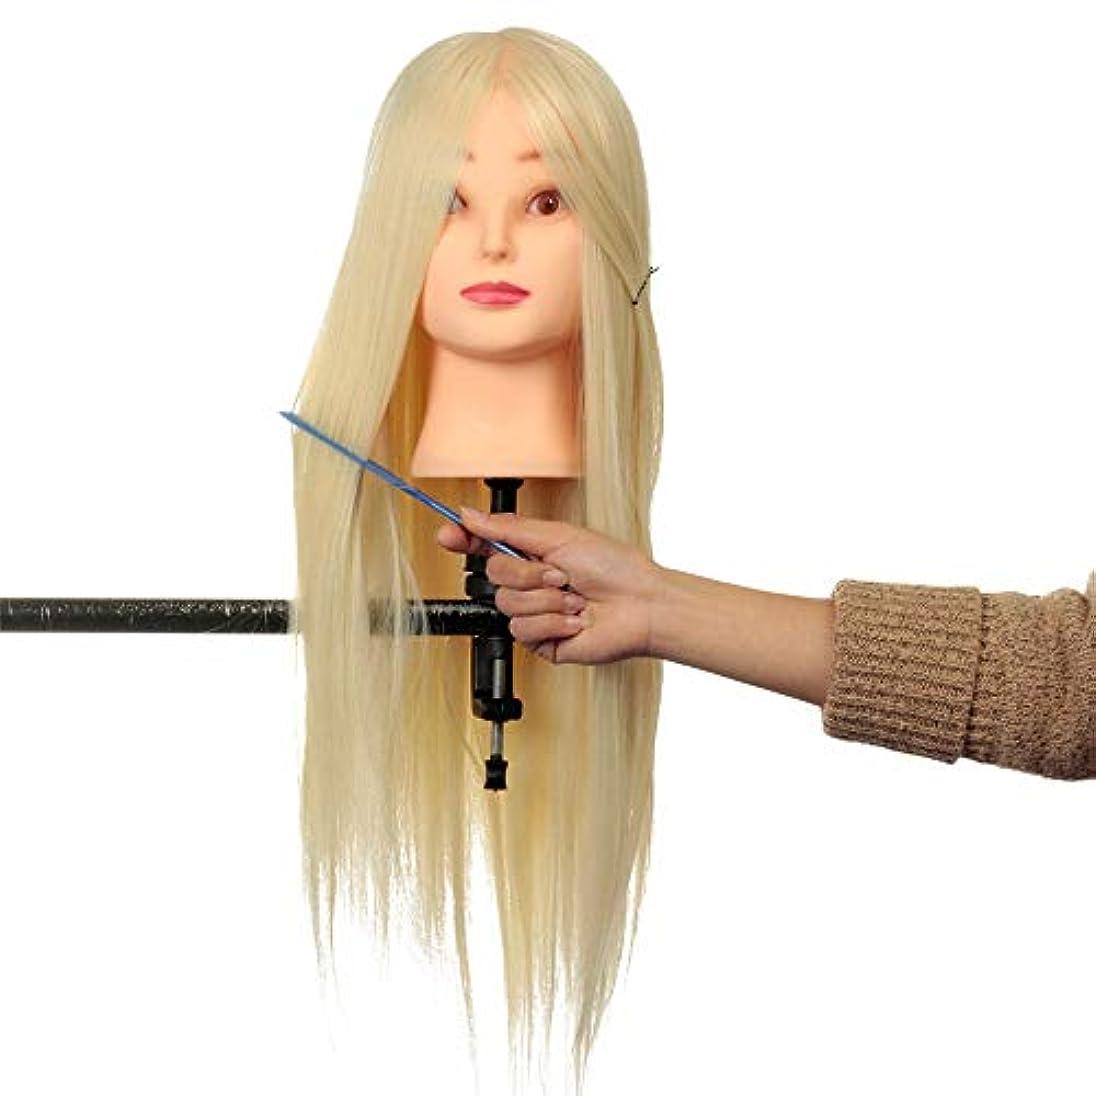 癒す抽象化サーキュレーションヘアマネキンヘッド プロフェッショナルロング理髪マネキントレーニング実践ヘッドサロン+クランプ ヘア理髪トレーニングモデル付き (色 : As the picture shows, サイズ : 18